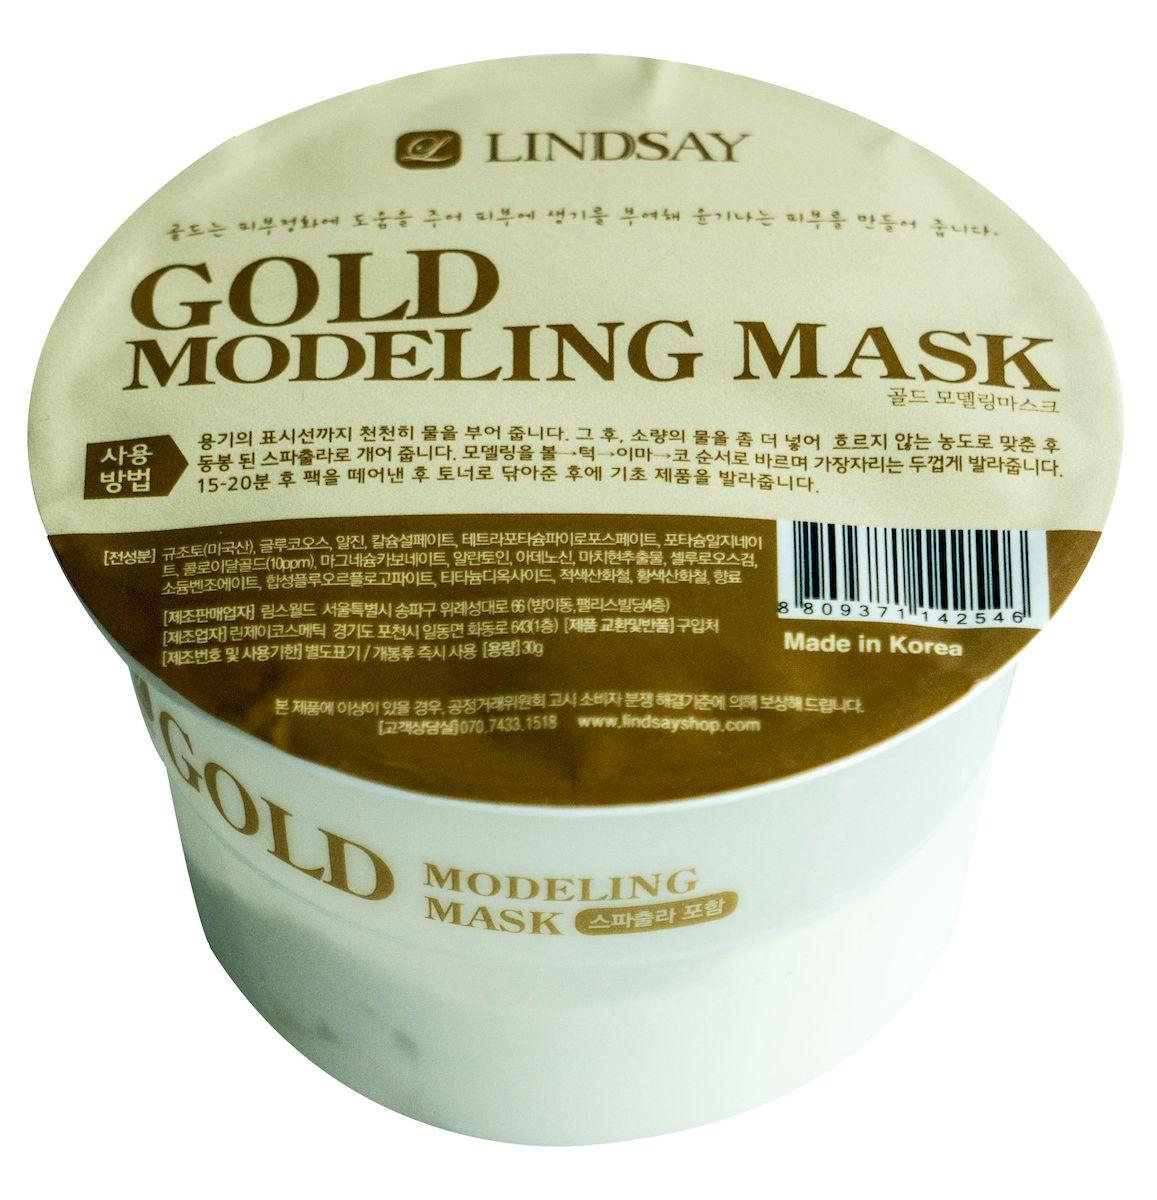 Lindsay Моделирующая альгинатная маска для лица, с коллоидным золотом, 30 г142546Альгинатные маски – популярное в салонах косметическое средство, основа которого – альгин, способствует более глубокому и эффективному проникновению активных компонентов в слои кожи. Коллоидное золото активизирует все функций клеток в кожных тканях, ускоряет обмен веществ и циркуляцию крови, помогая естественному омоложению кожи. Нормализует кислотность и укрепляет защитные свойства кожного покрова. Способ применения: 1. Залейте содержимое упаковки водой до установленной метки (линия по периметру упаковки) 2. Размешайте до образования однородной гелеобразной массы 3. Нанесите маску на лицо 3. Оставьте на лице на 15-20 минут 4. Начиная с нижнего края, аккуратно удалите маску с лица. Меры предосторожности: при возникновении раздражения прекратите использование и обратитесь к дерматологу. При попадании продукта в глаза обильно промойте их водой. Храните в защищенном от прямых солнечных лучей месте, недоступном для детей. Состав: Диатомовая земля, глюкоза, альгин,...